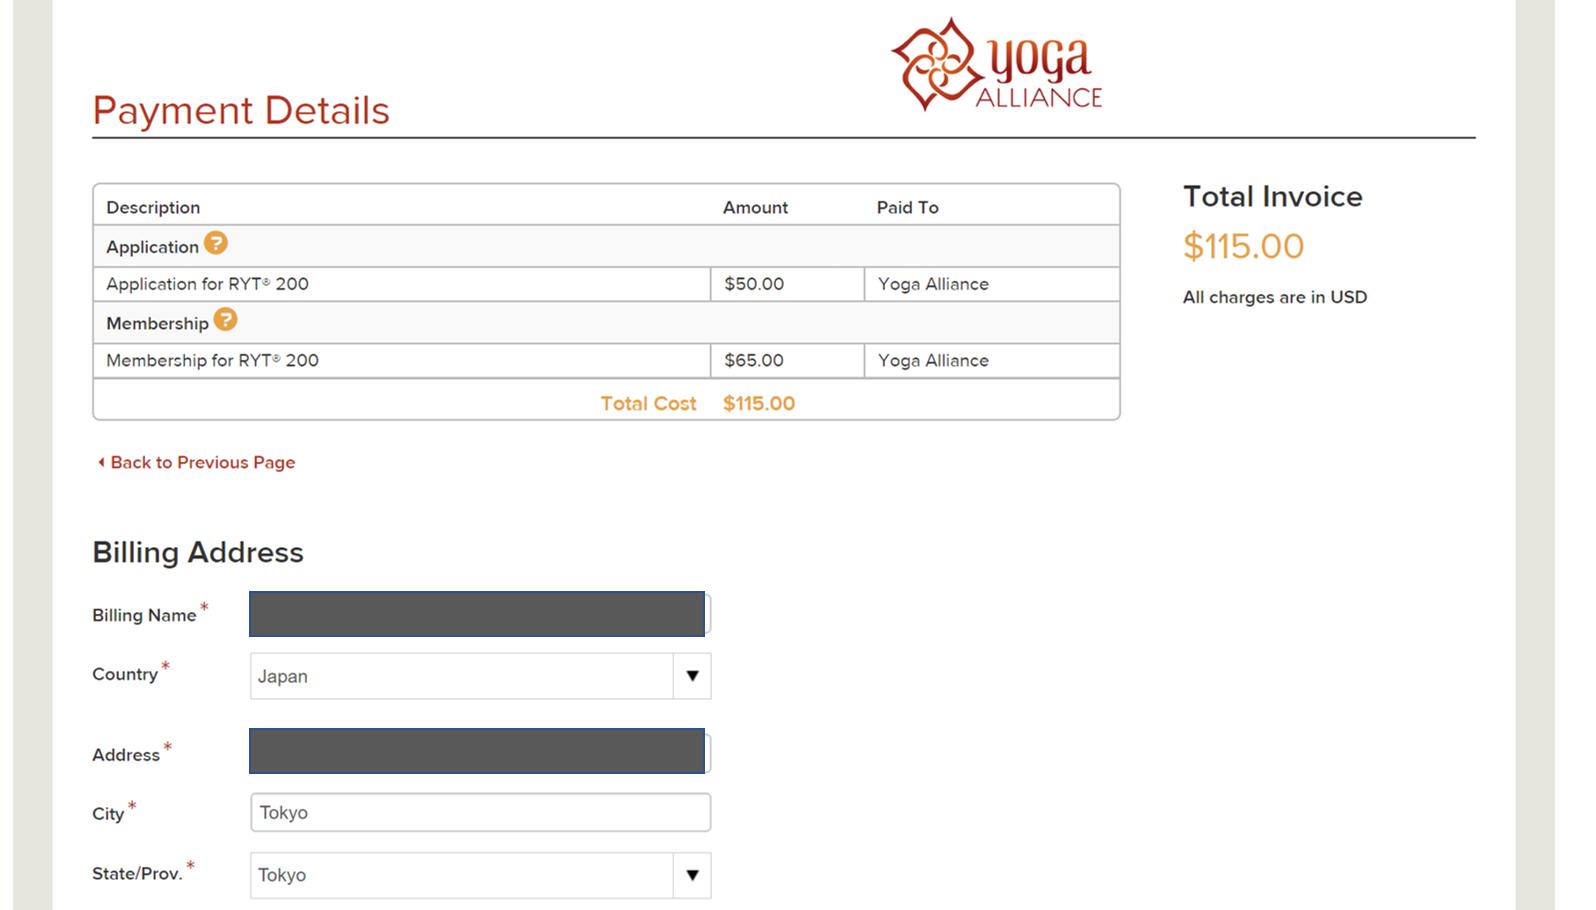 全米ヨガアライアンスRYT200の申請登録の手順10